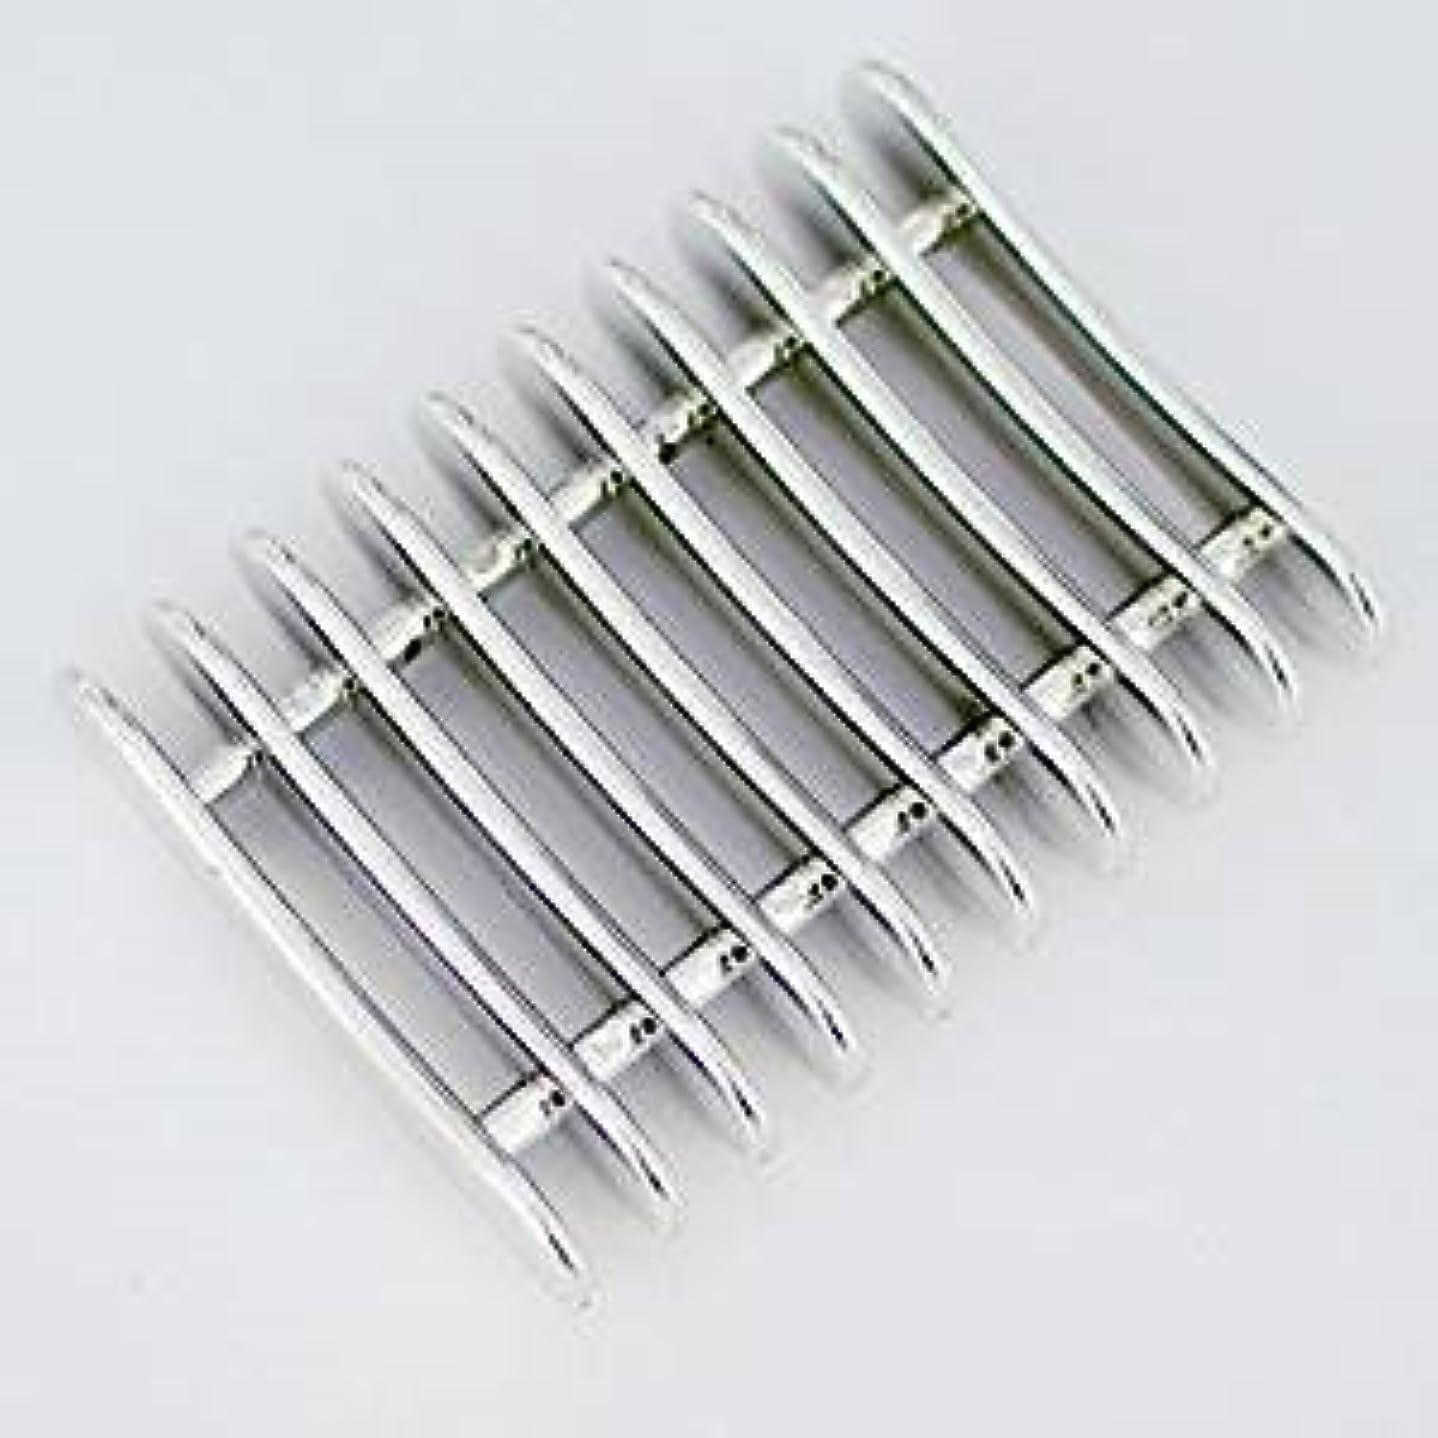 【アウトレット】ネイルブラシホルダー ブラシスタンド ジェルネイル筆置き ネイル用品  一部にメッキ剥がれあり(下地の白が少し見える程度で使用に問題はありません)